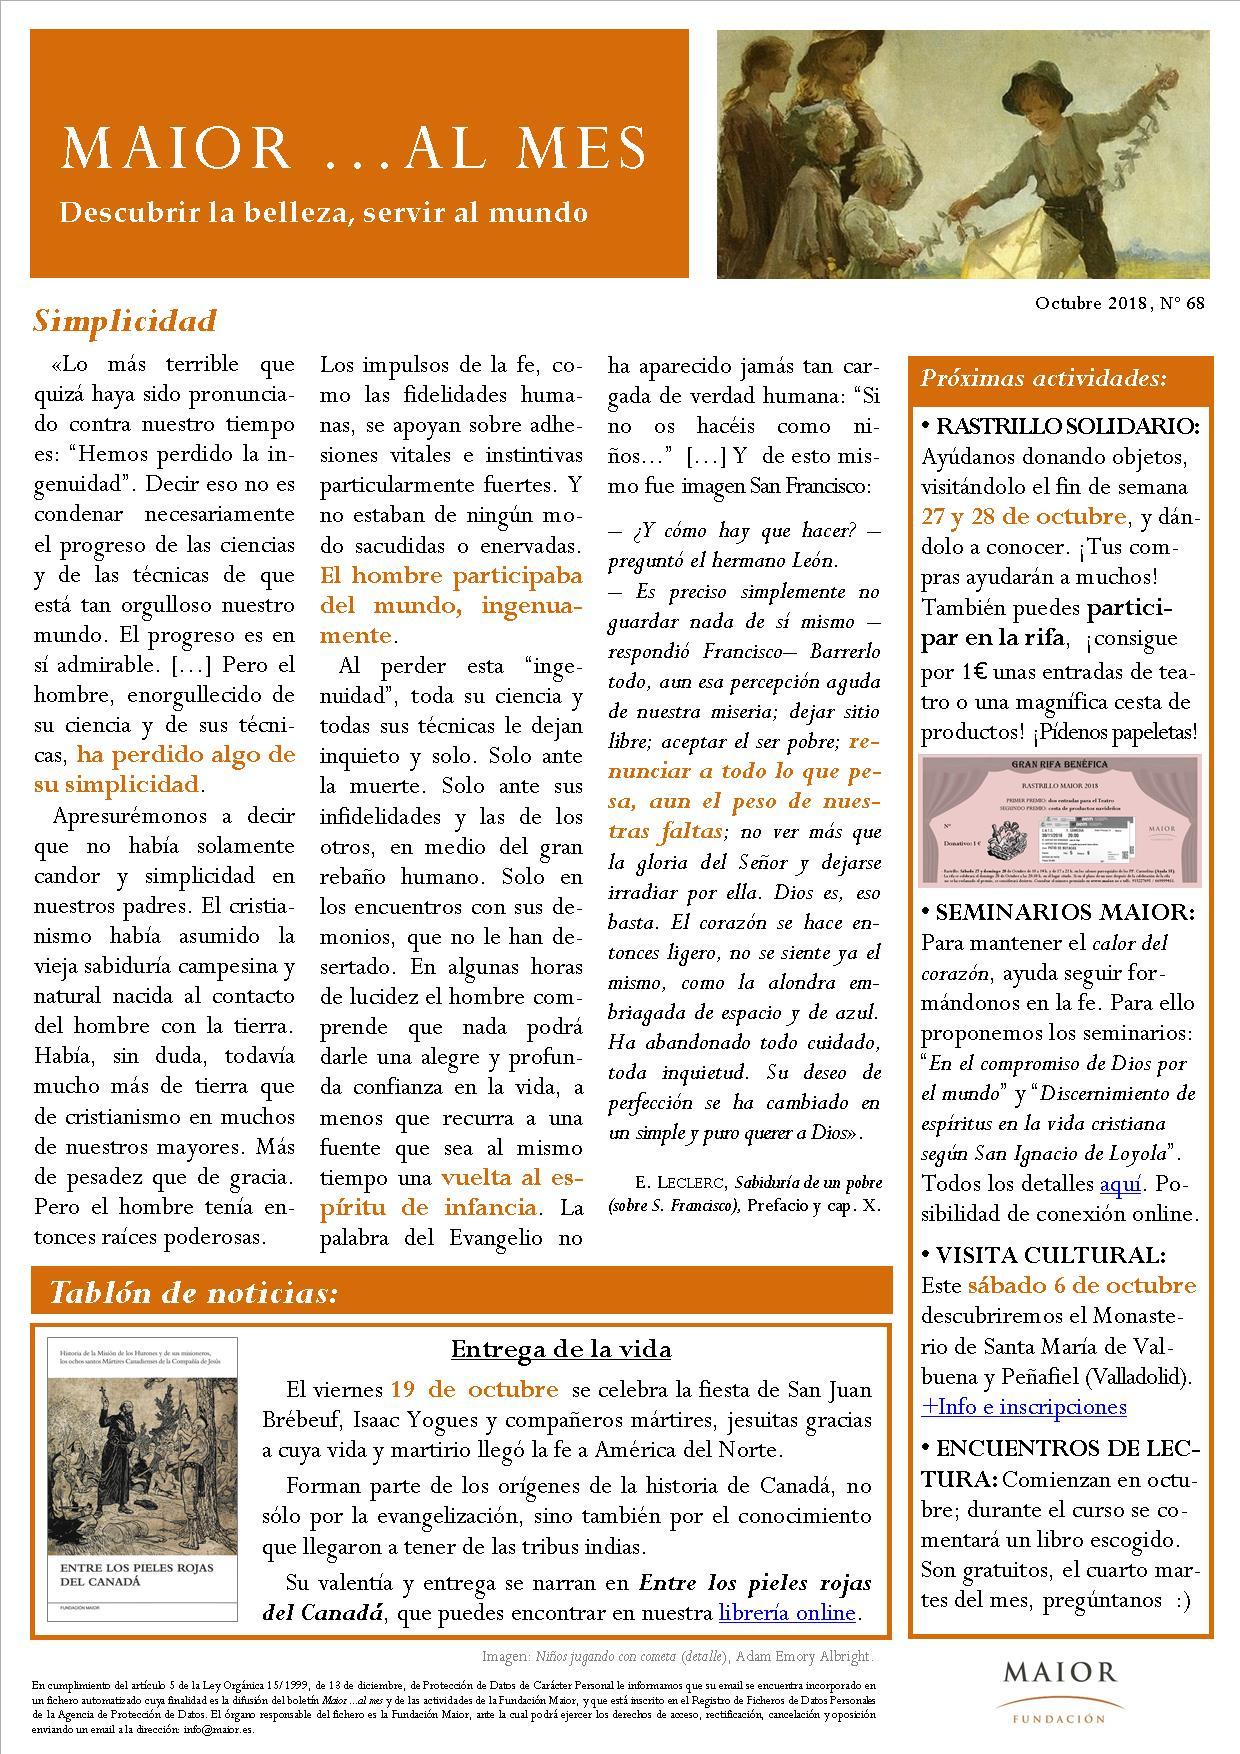 Boletín mensual de noticias y actividades de la Fundación Maior. Edición de octubre 2018